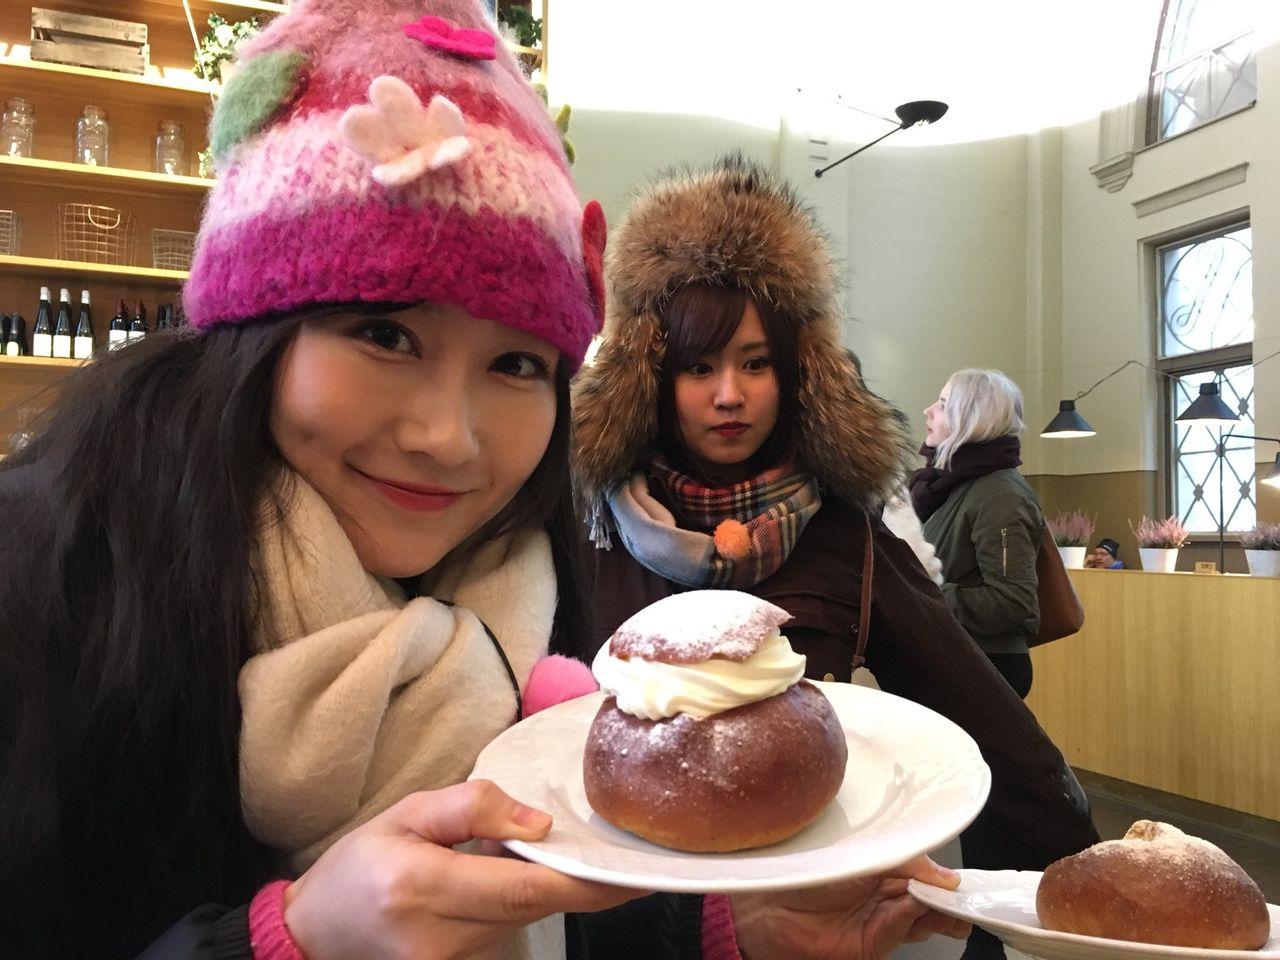 【NMB48】ふぅなるinフィンランドが楽しそうwぽくぽく百景もぐもぐ旅での放送も決定!【矢倉楓子/古賀成美】